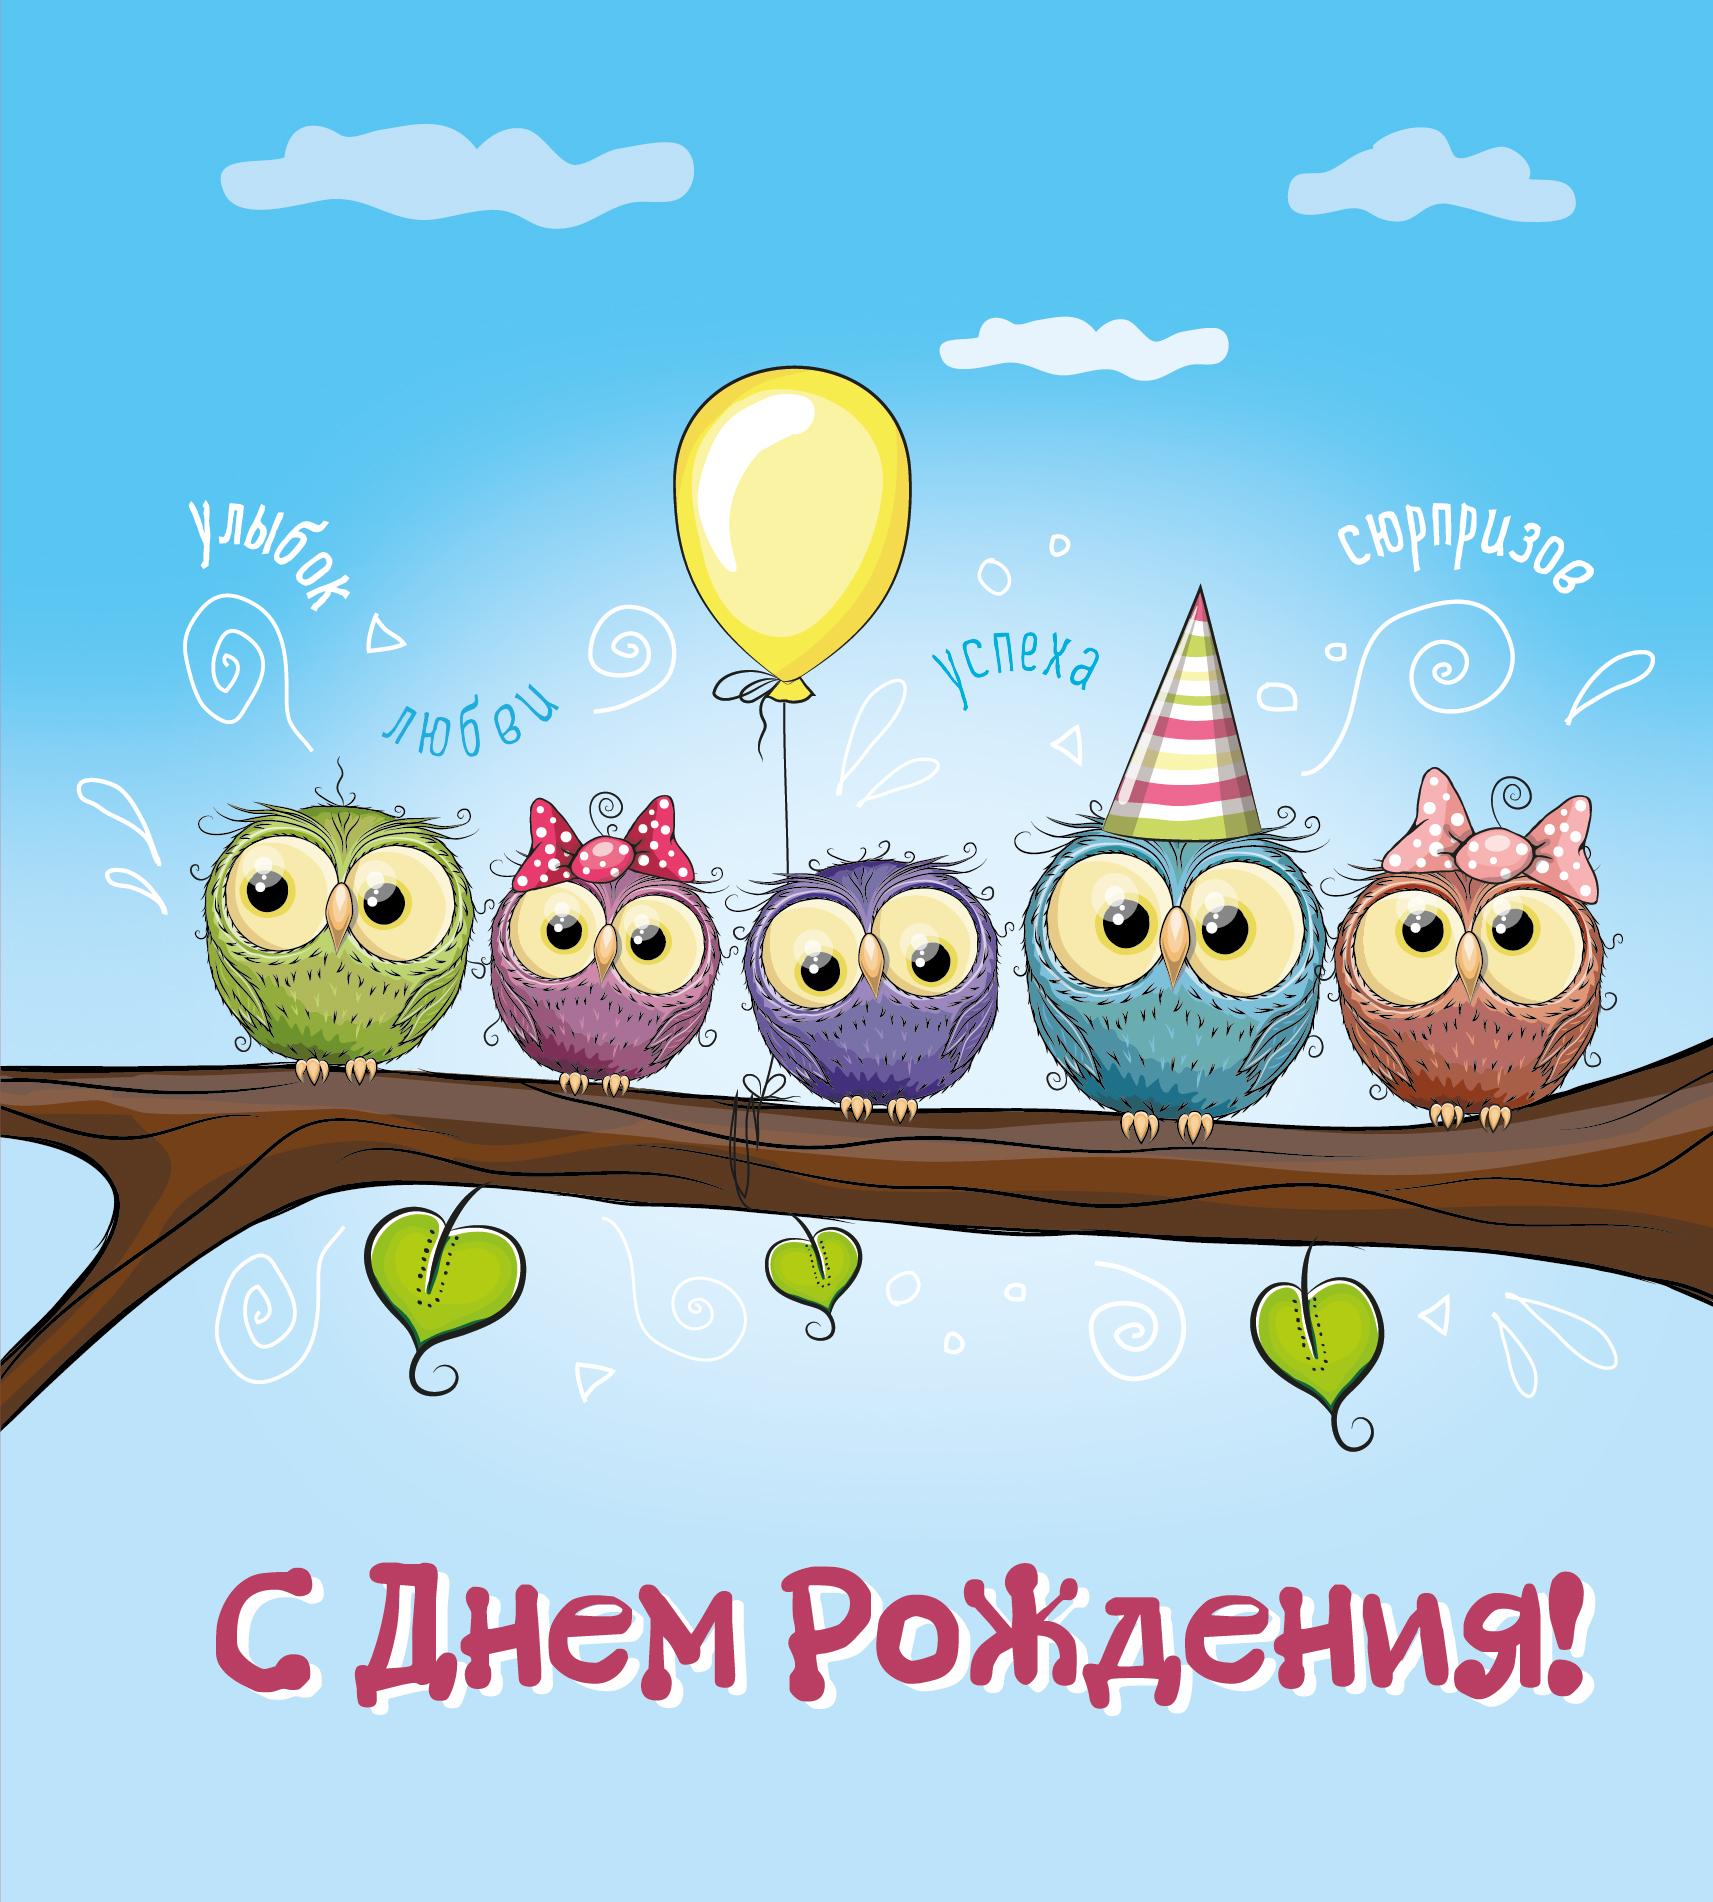 Интересные открытки поздравления с днем рождения